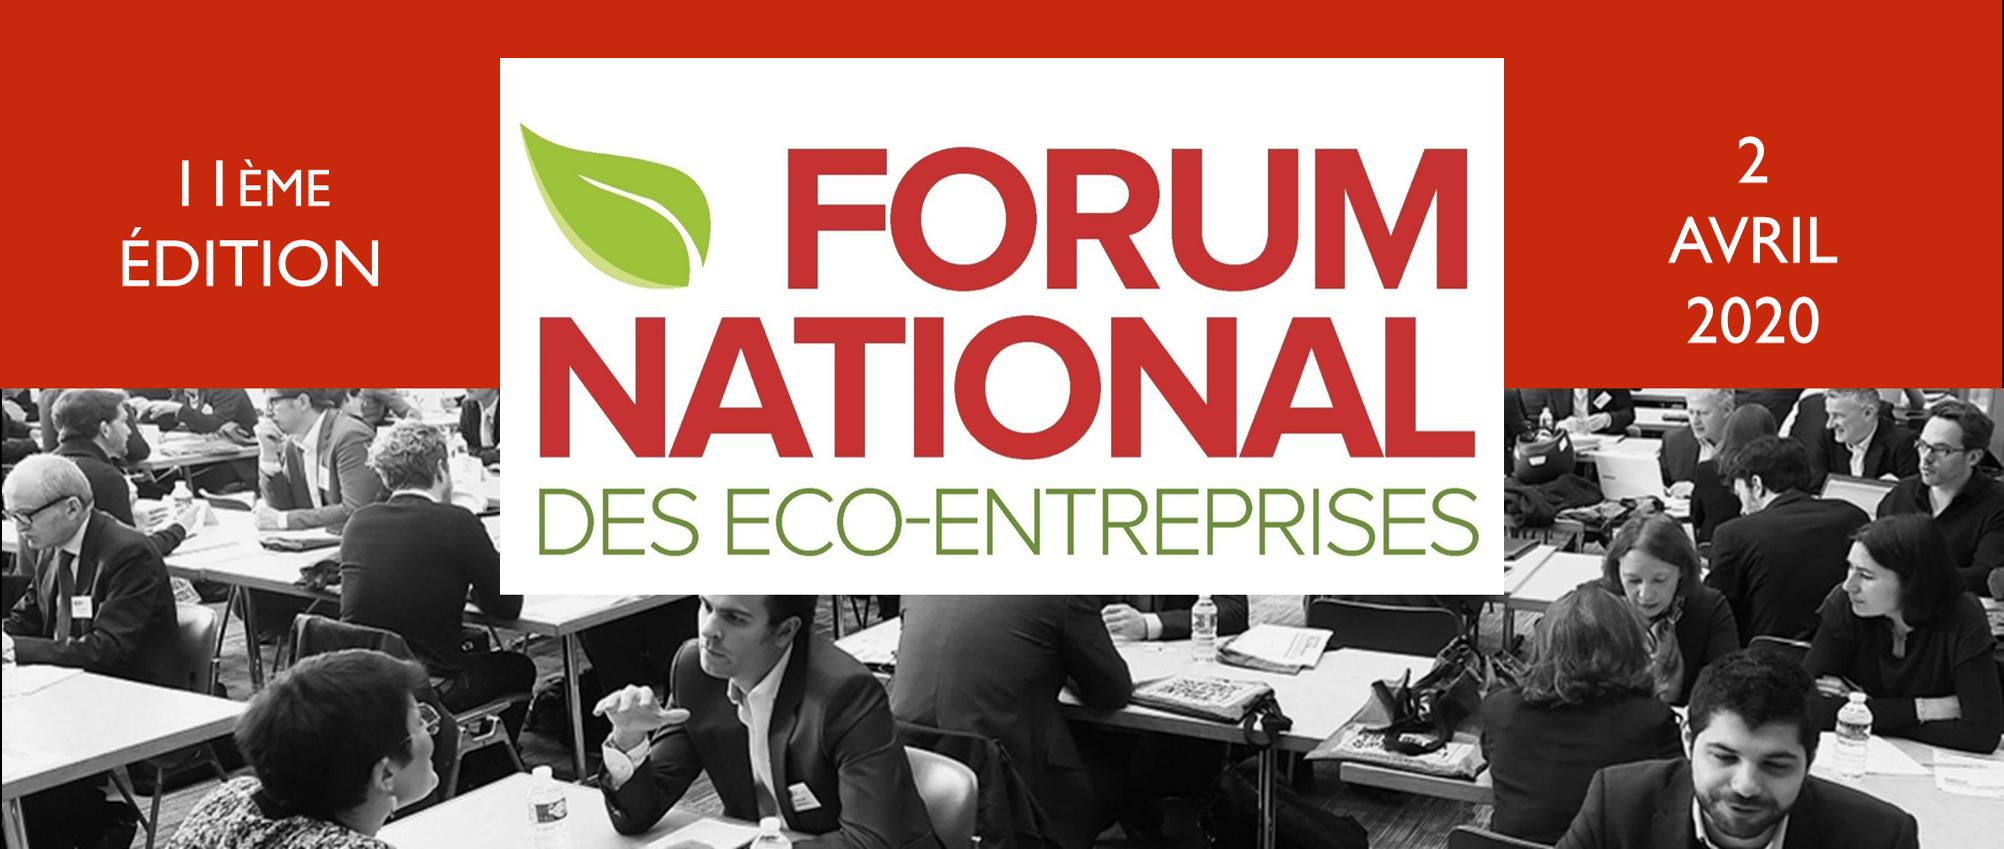 Participez au prochain Forum national des éco-entreprises